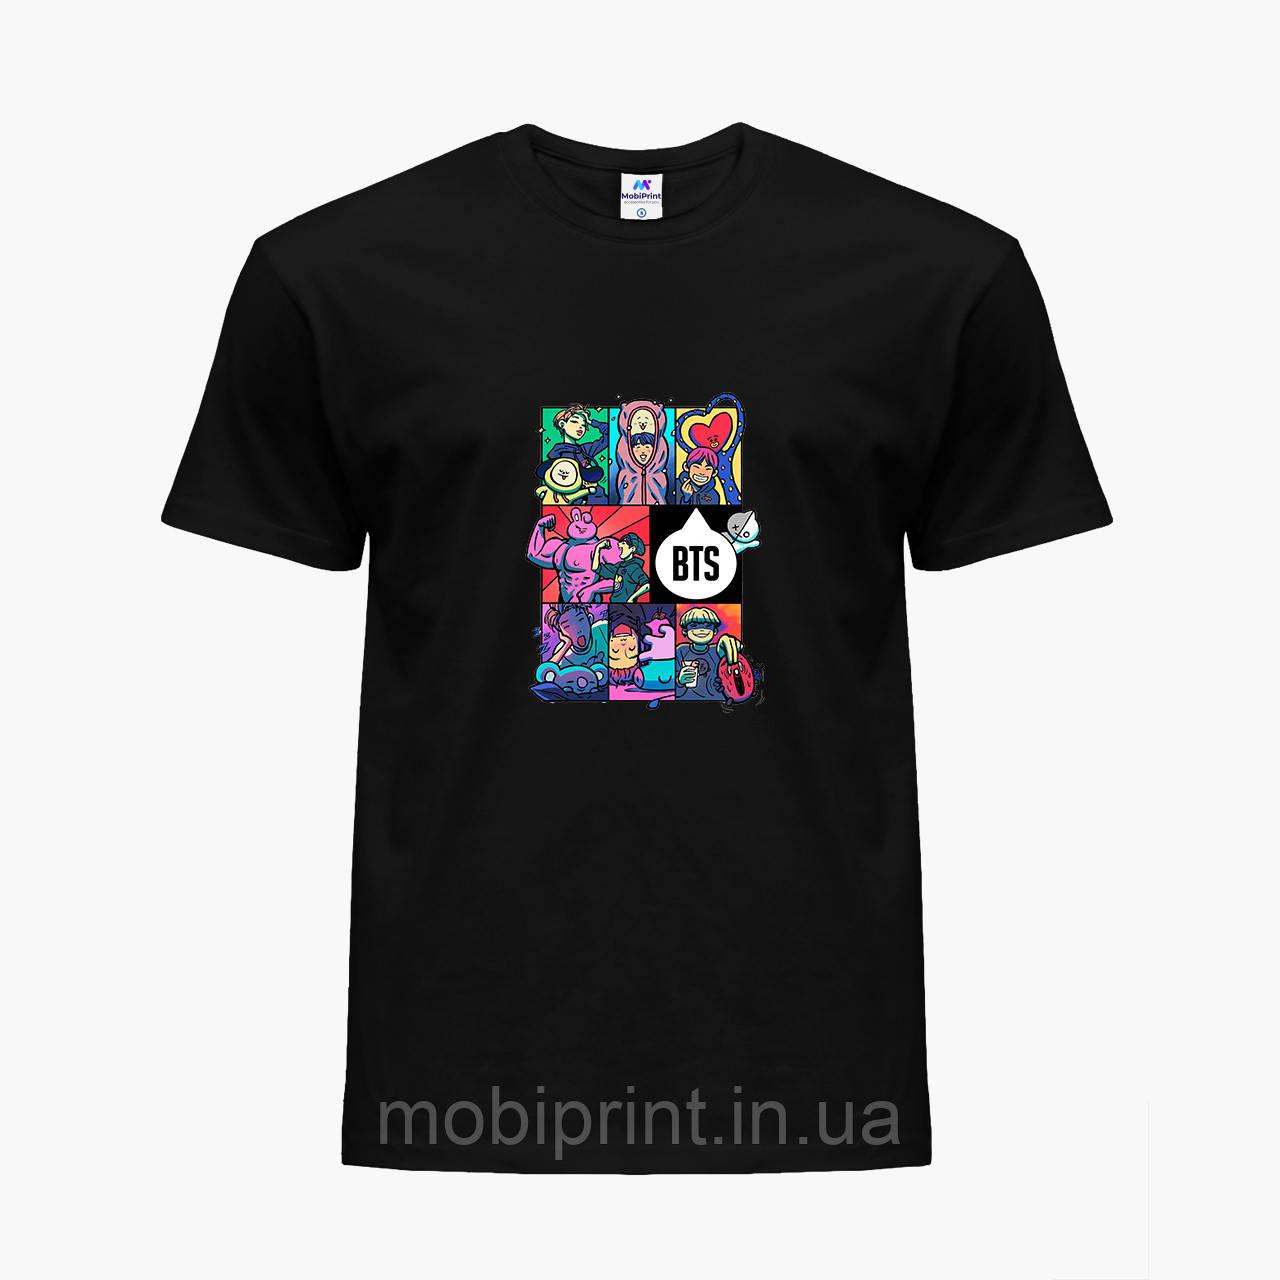 Детская футболка для девочек БТС (BTS) (25186-1078) Черный